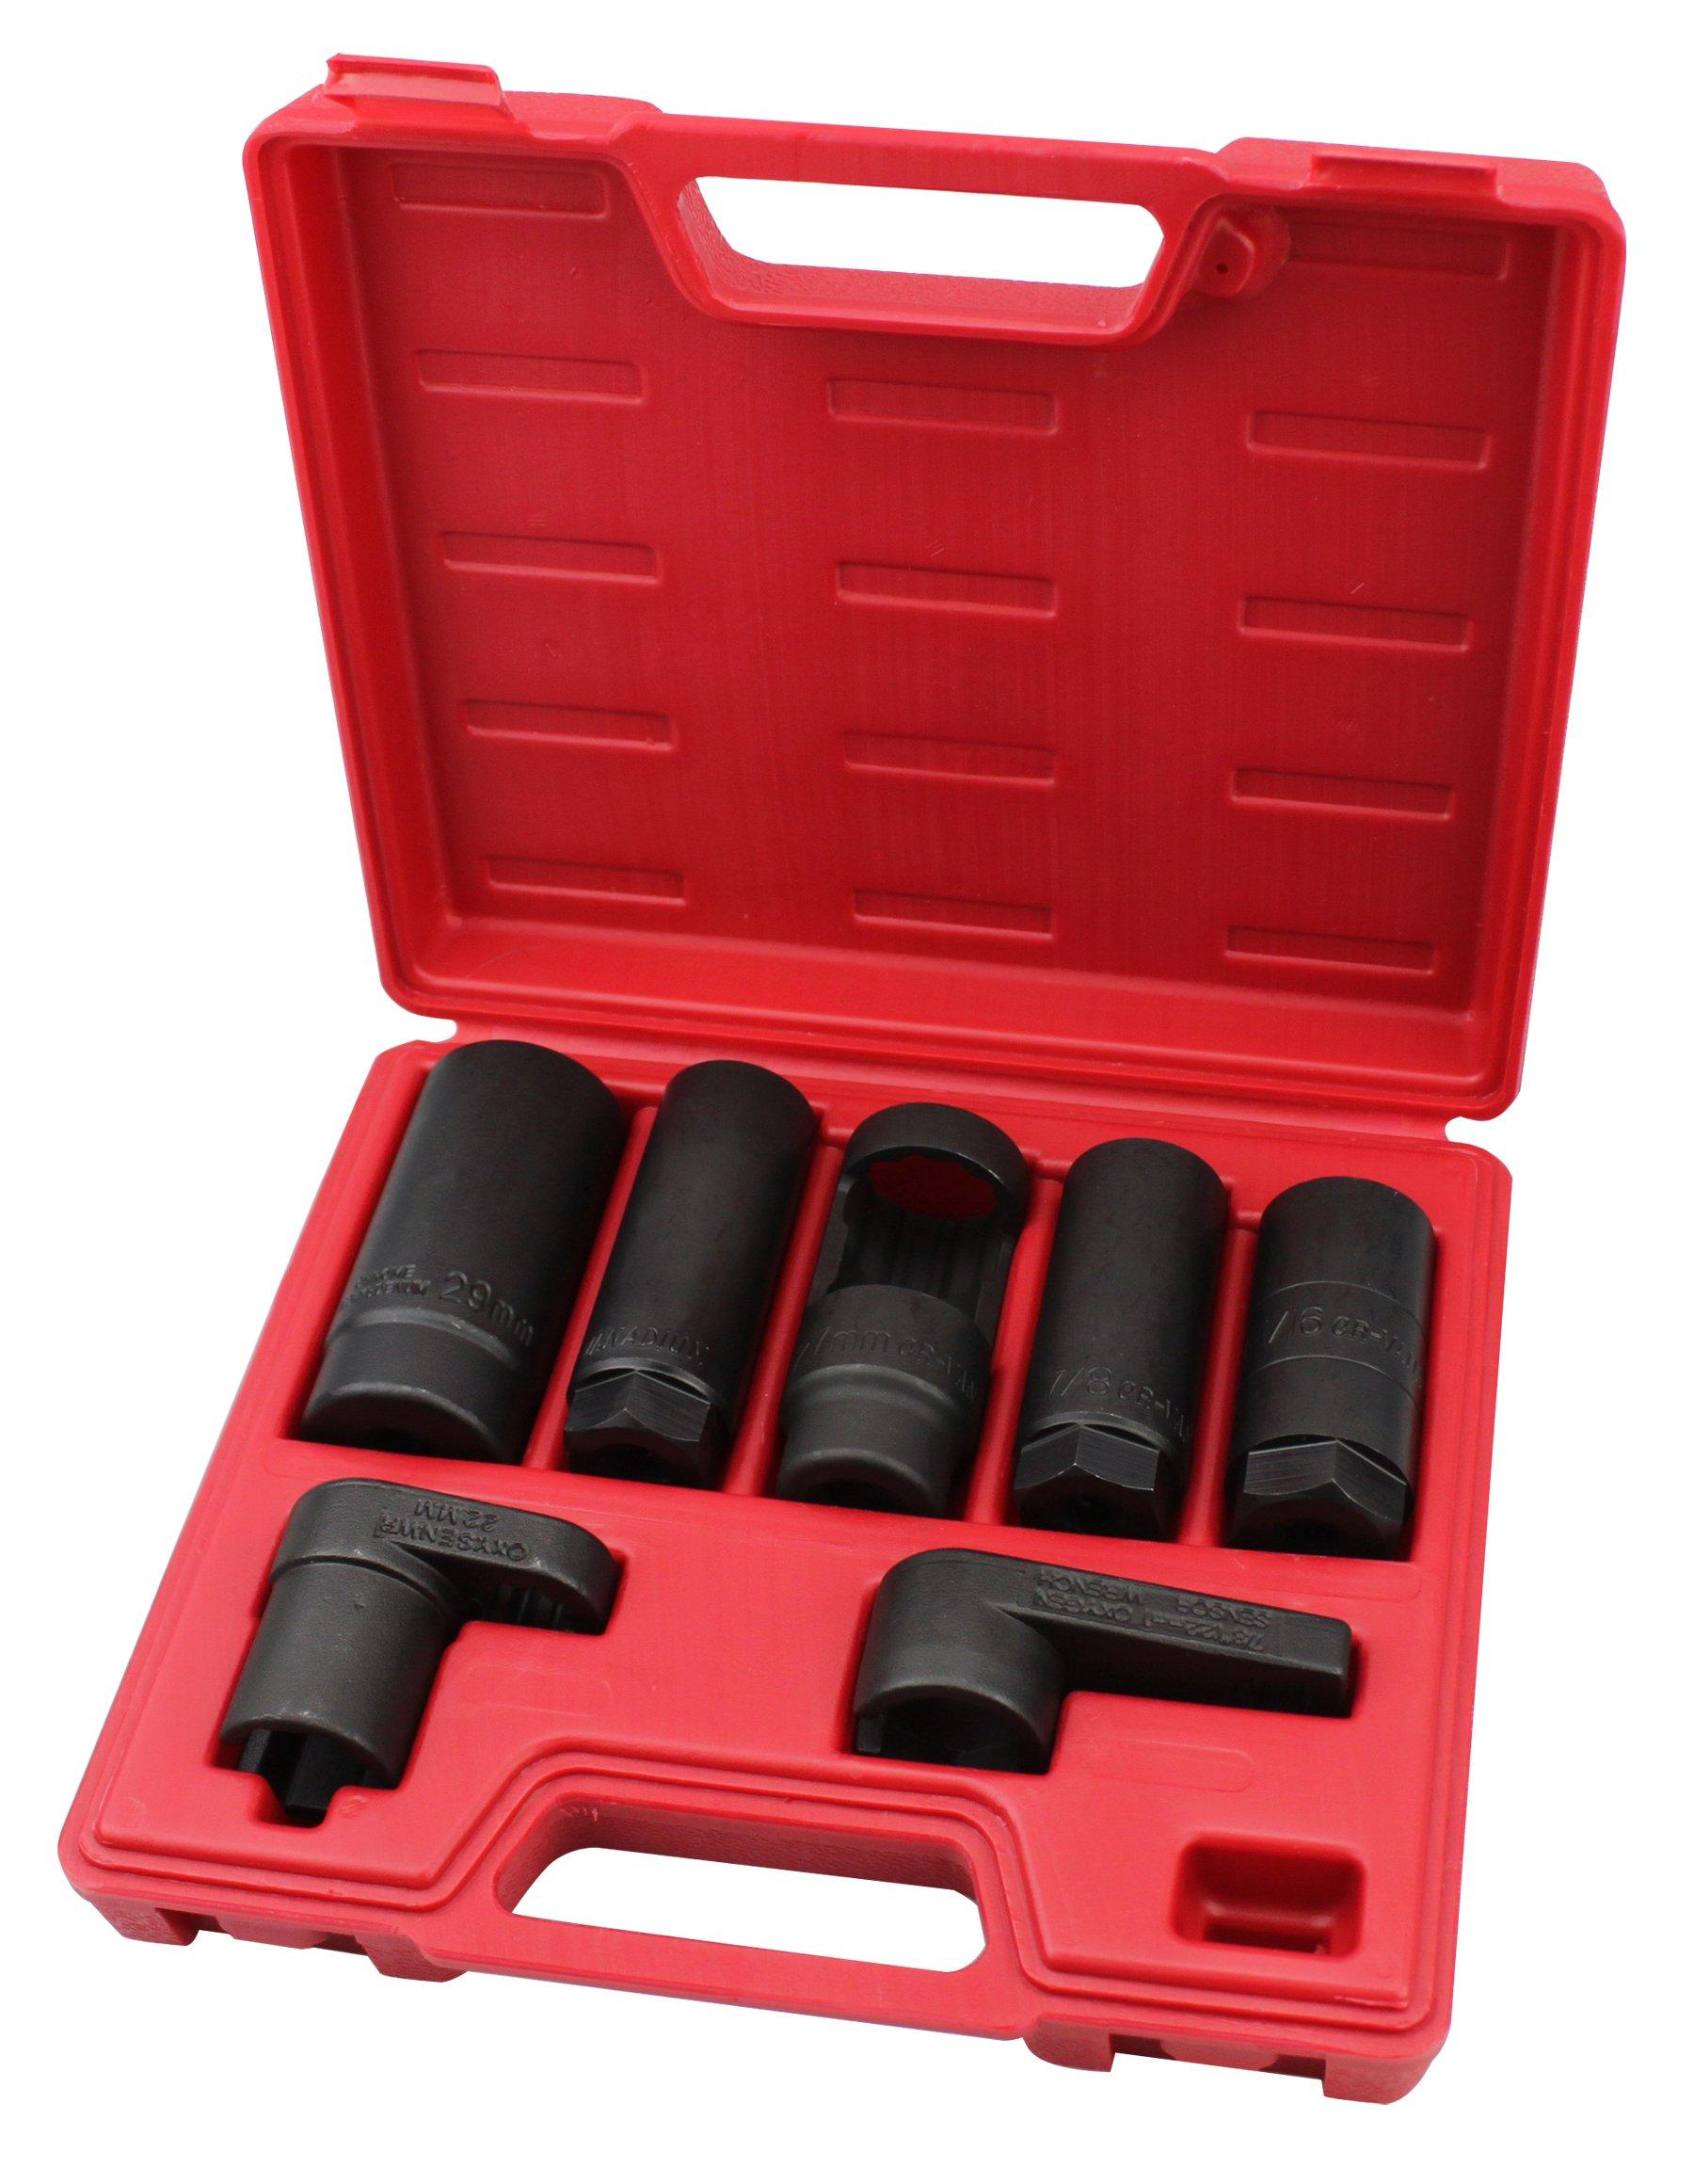 Kauplus 7PCS Master Sensor Socket Kit O2 Oxygen Sensor Wrench Socket Set by Kauplus (Image #2)